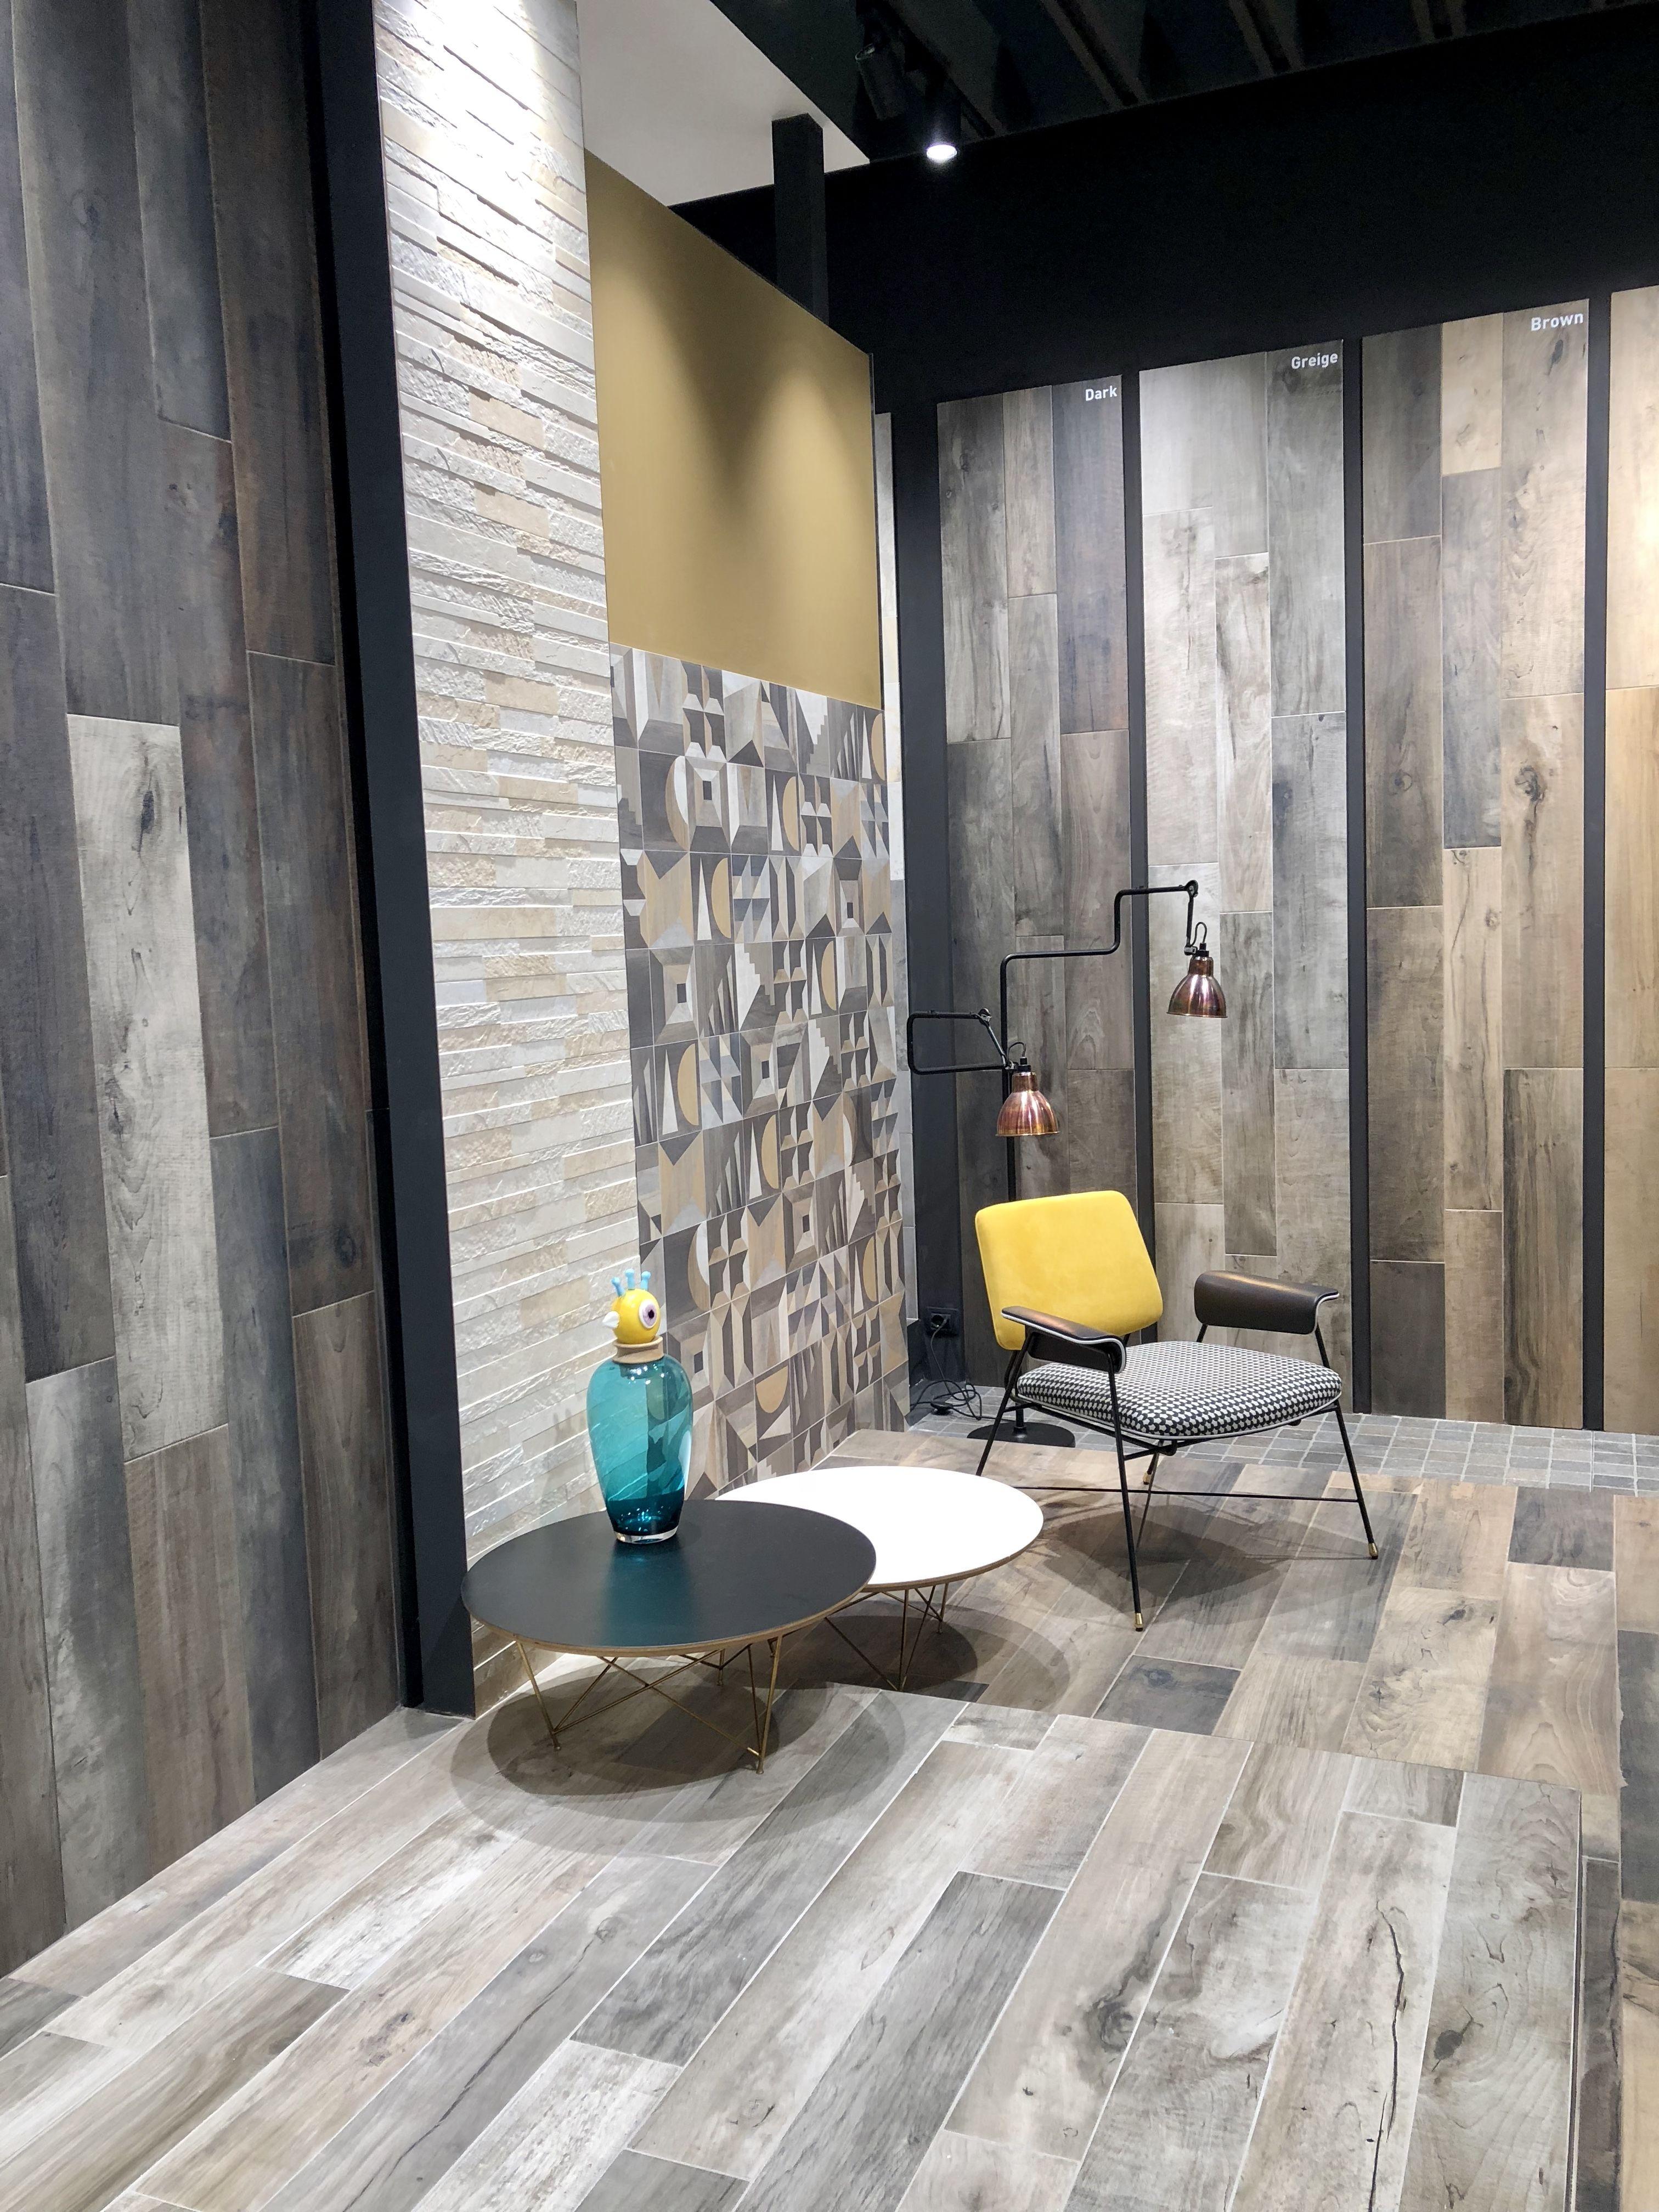 Carrelage Imitation Parquet Nouveaute Pour 2019 Au Salon Cersaie A